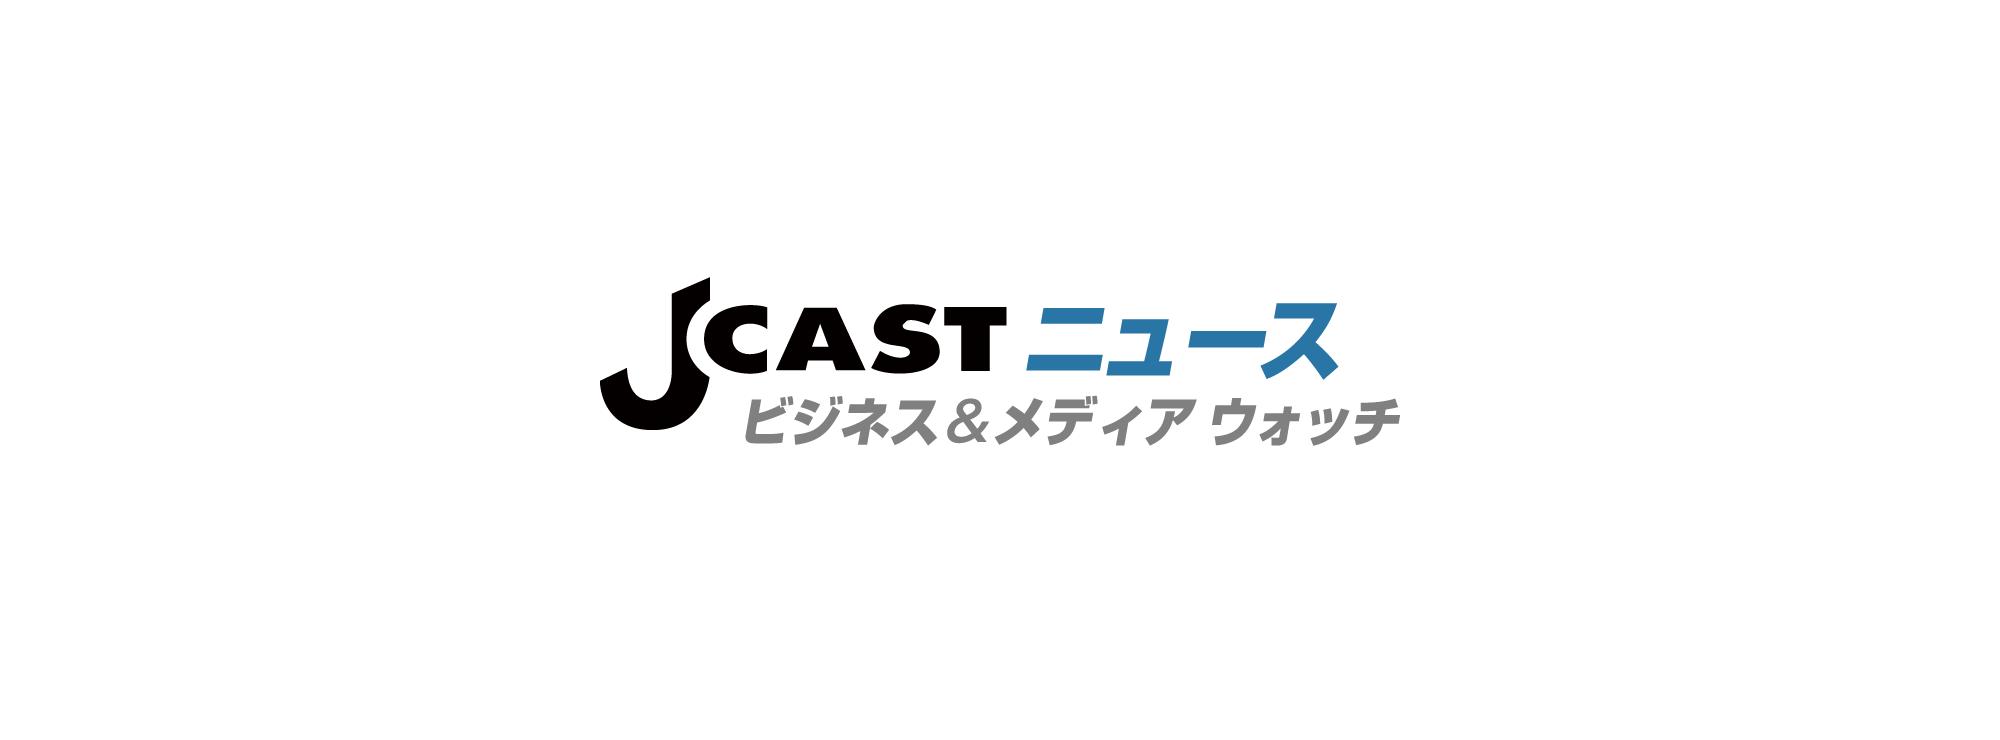 全文表示 | 「KARA」、竹島問題質問に「沈黙」 韓国メディアから批判浴びる : J-CASTニュース